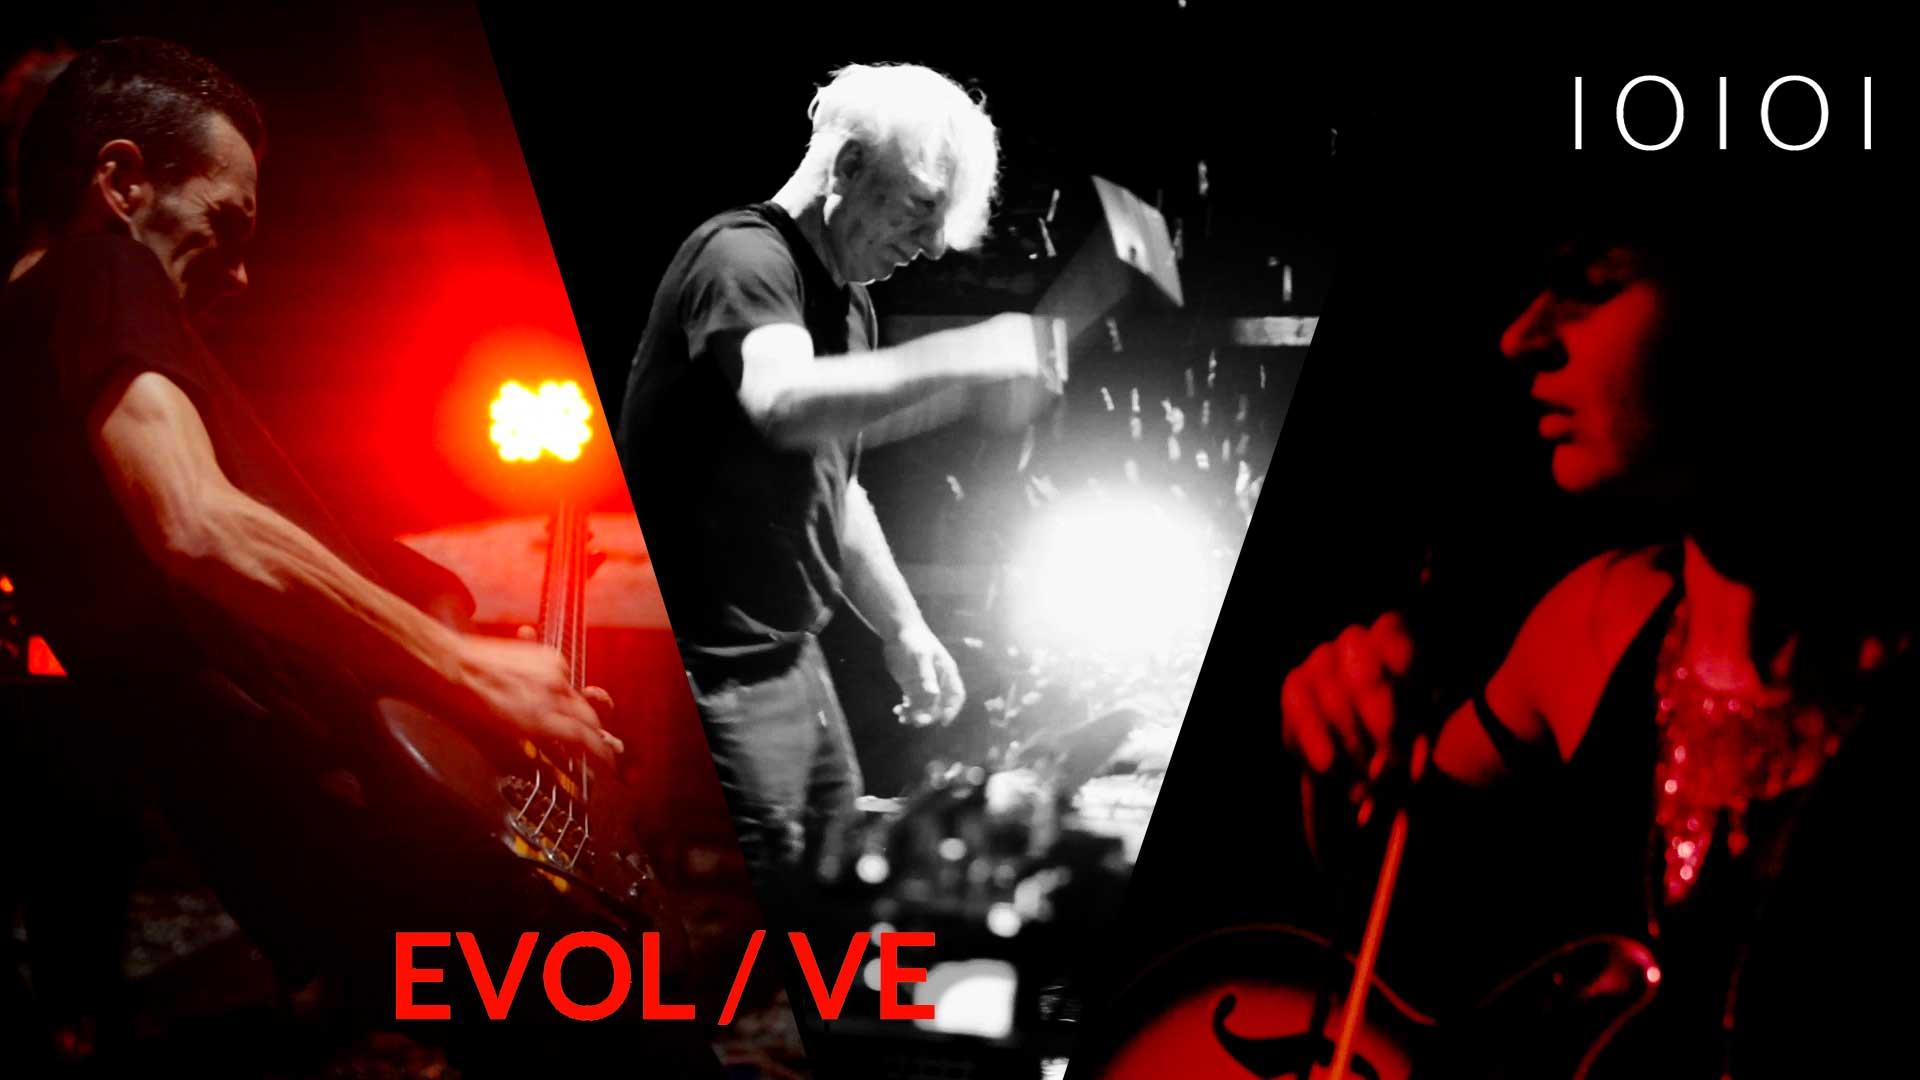 live evol/ve e ioioi